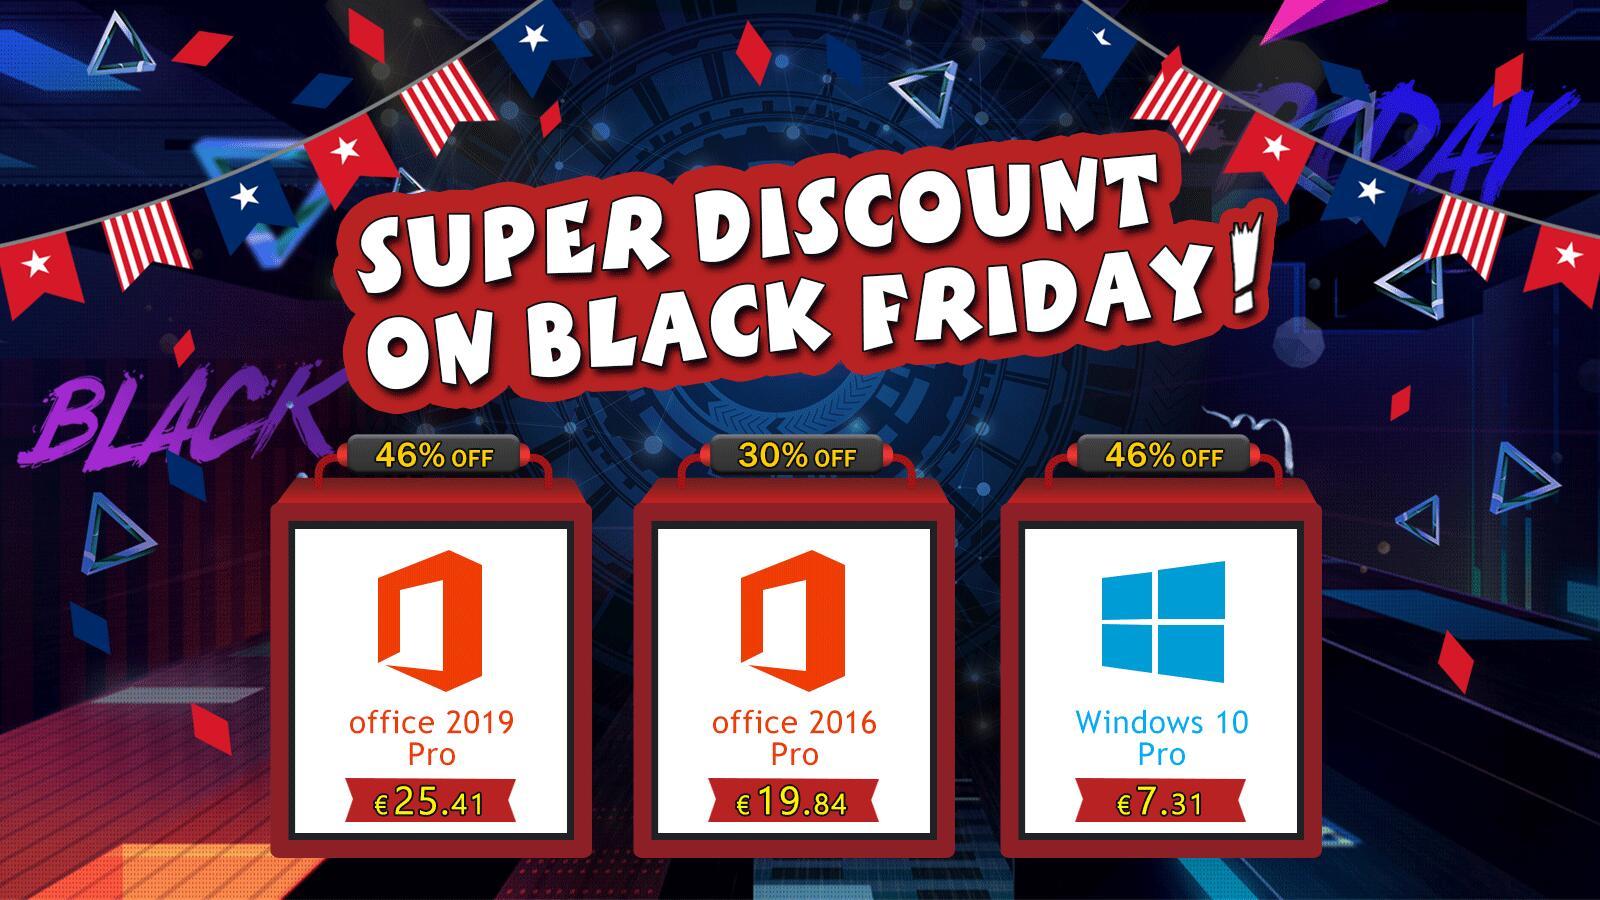 Black Friday: Windows 10 Pro za 7.31 EUR a Office 2019 pro za 25.41 EUR [sponzorovaný článek]